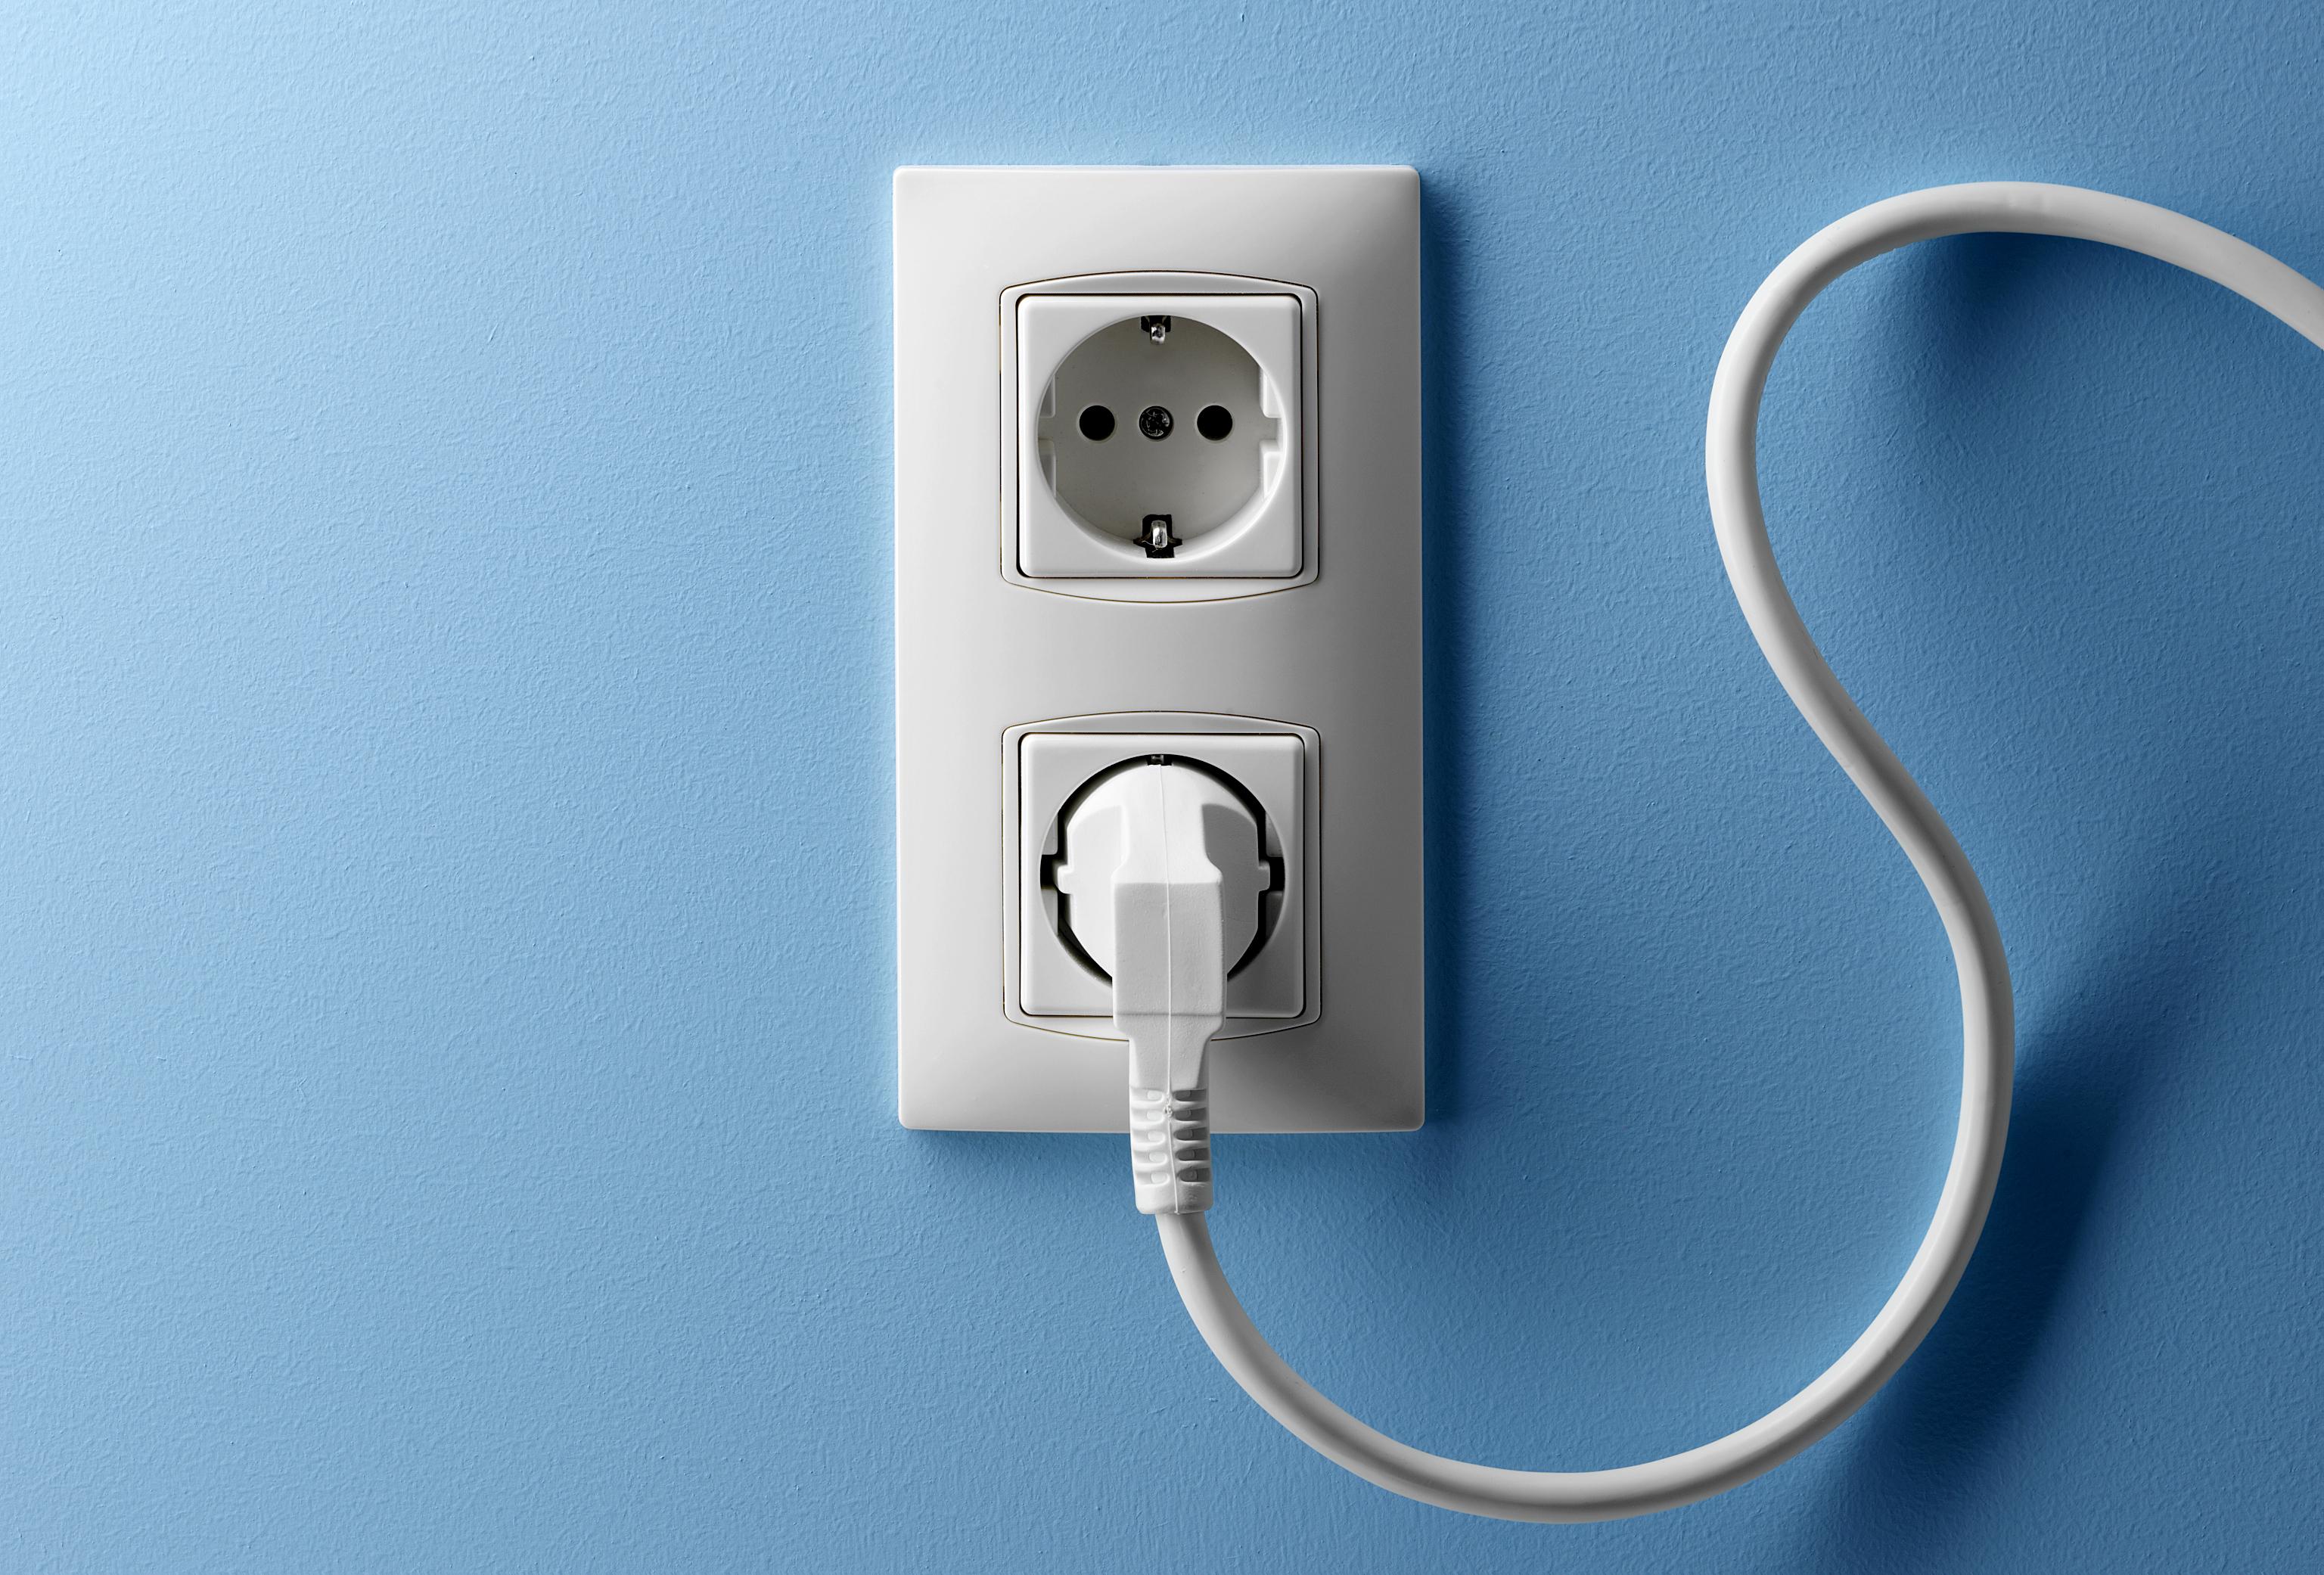 Energia elektryczna Jak oszczędzać prąd w domu?  porady Leroy Merlin -> Kuchenka Elektryczna Oplaty Za Prąd